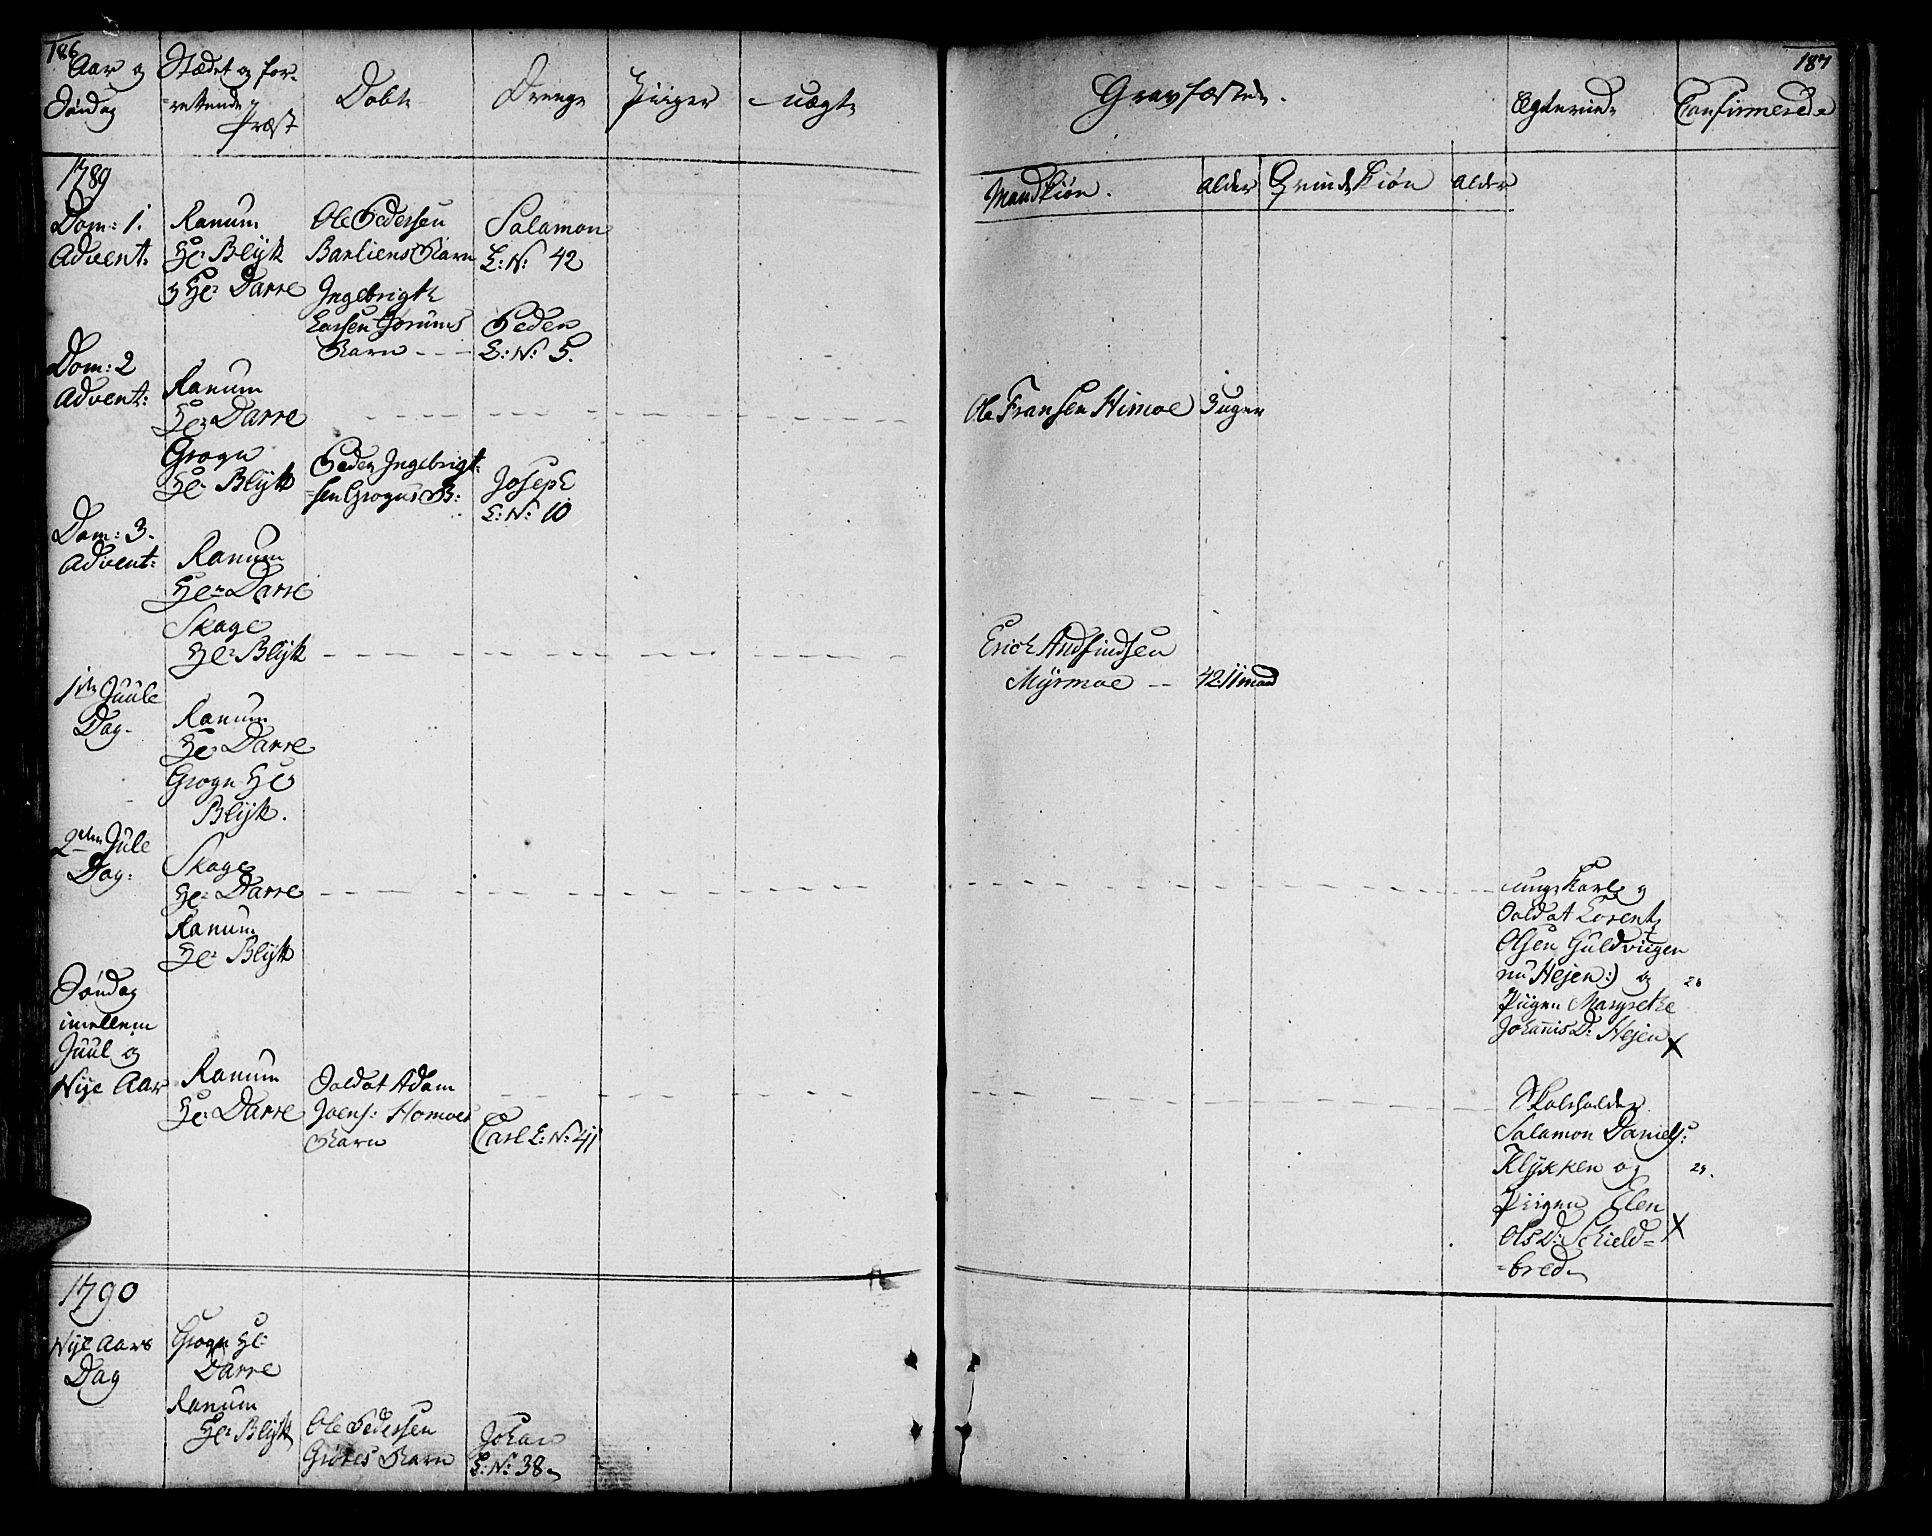 SAT, Ministerialprotokoller, klokkerbøker og fødselsregistre - Nord-Trøndelag, 764/L0544: Ministerialbok nr. 764A04, 1780-1798, s. 186-187